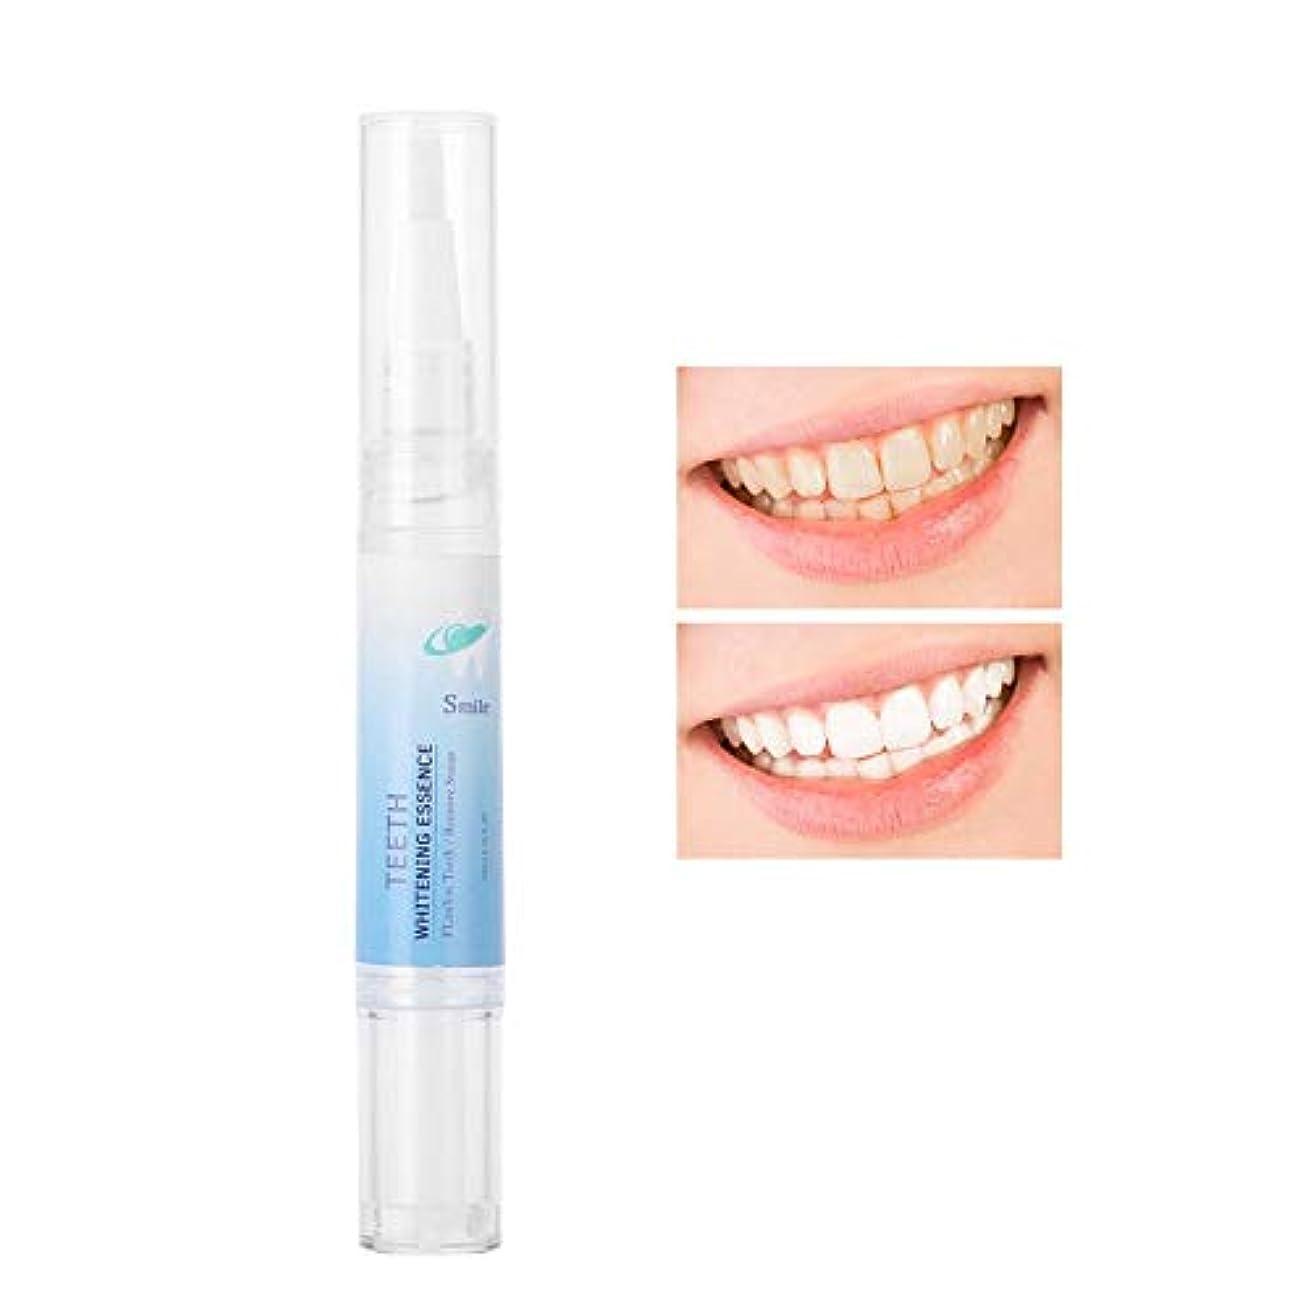 オーバードローパン屋増幅する歯ホワイトニングペン 歯汚れのリムーバー 歯を白くする美白歯磨き